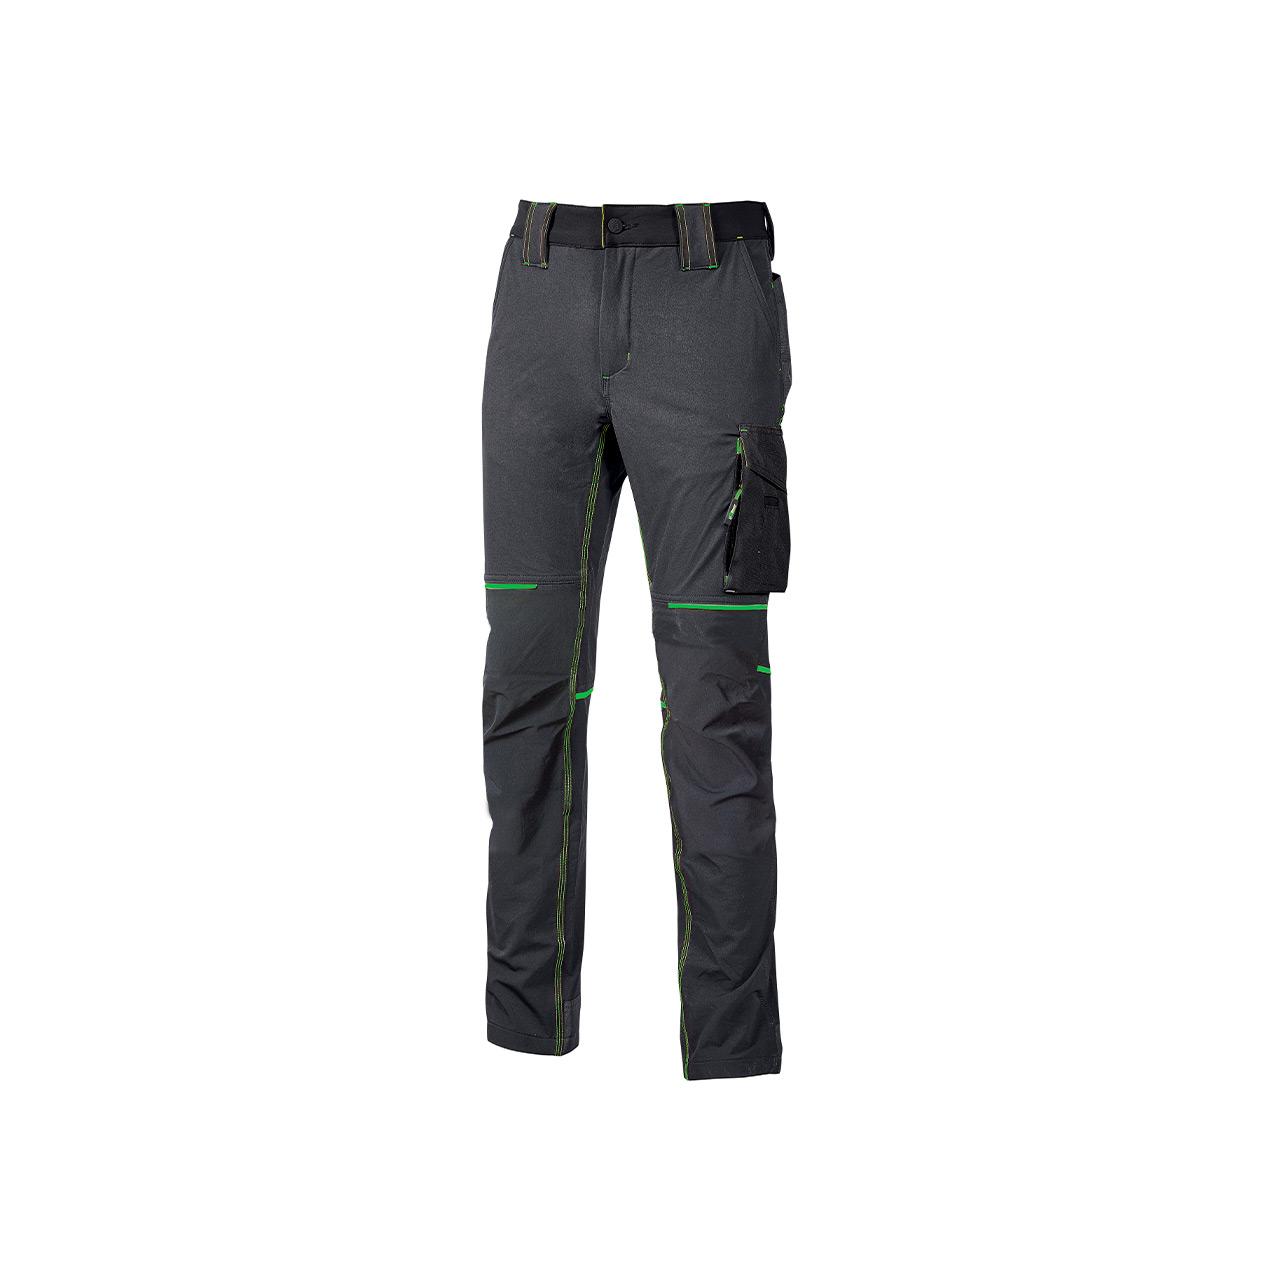 pantalone da lavoro upower modello world colore asphalt grey green prodotto